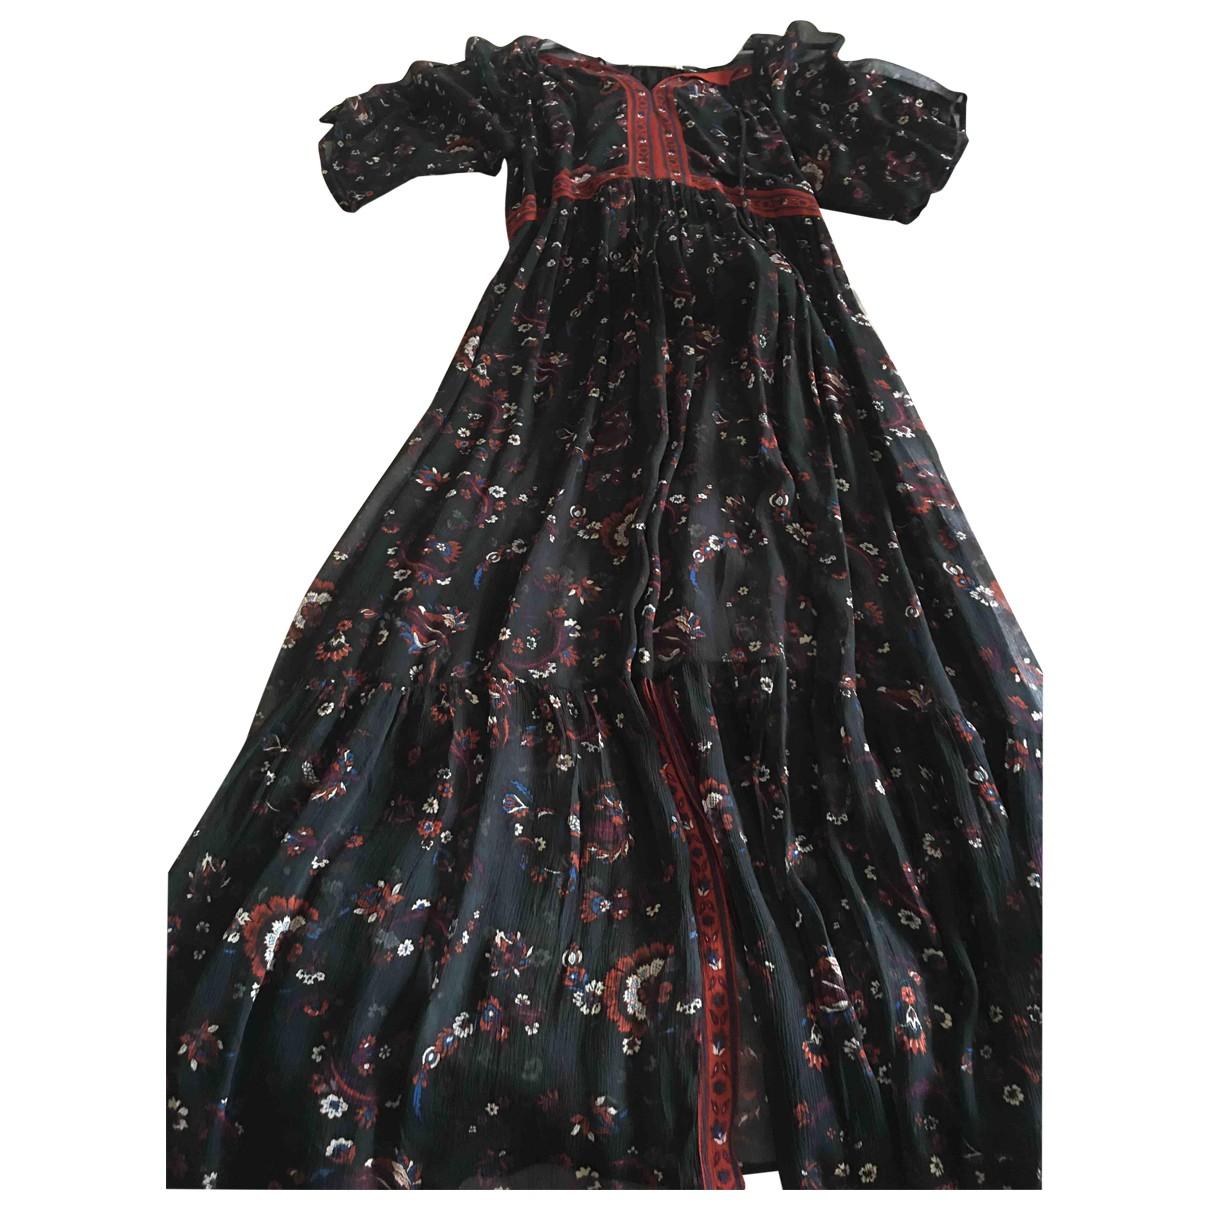 Ba&sh Spring Summer 2019 Black dress for Women 0 0-5